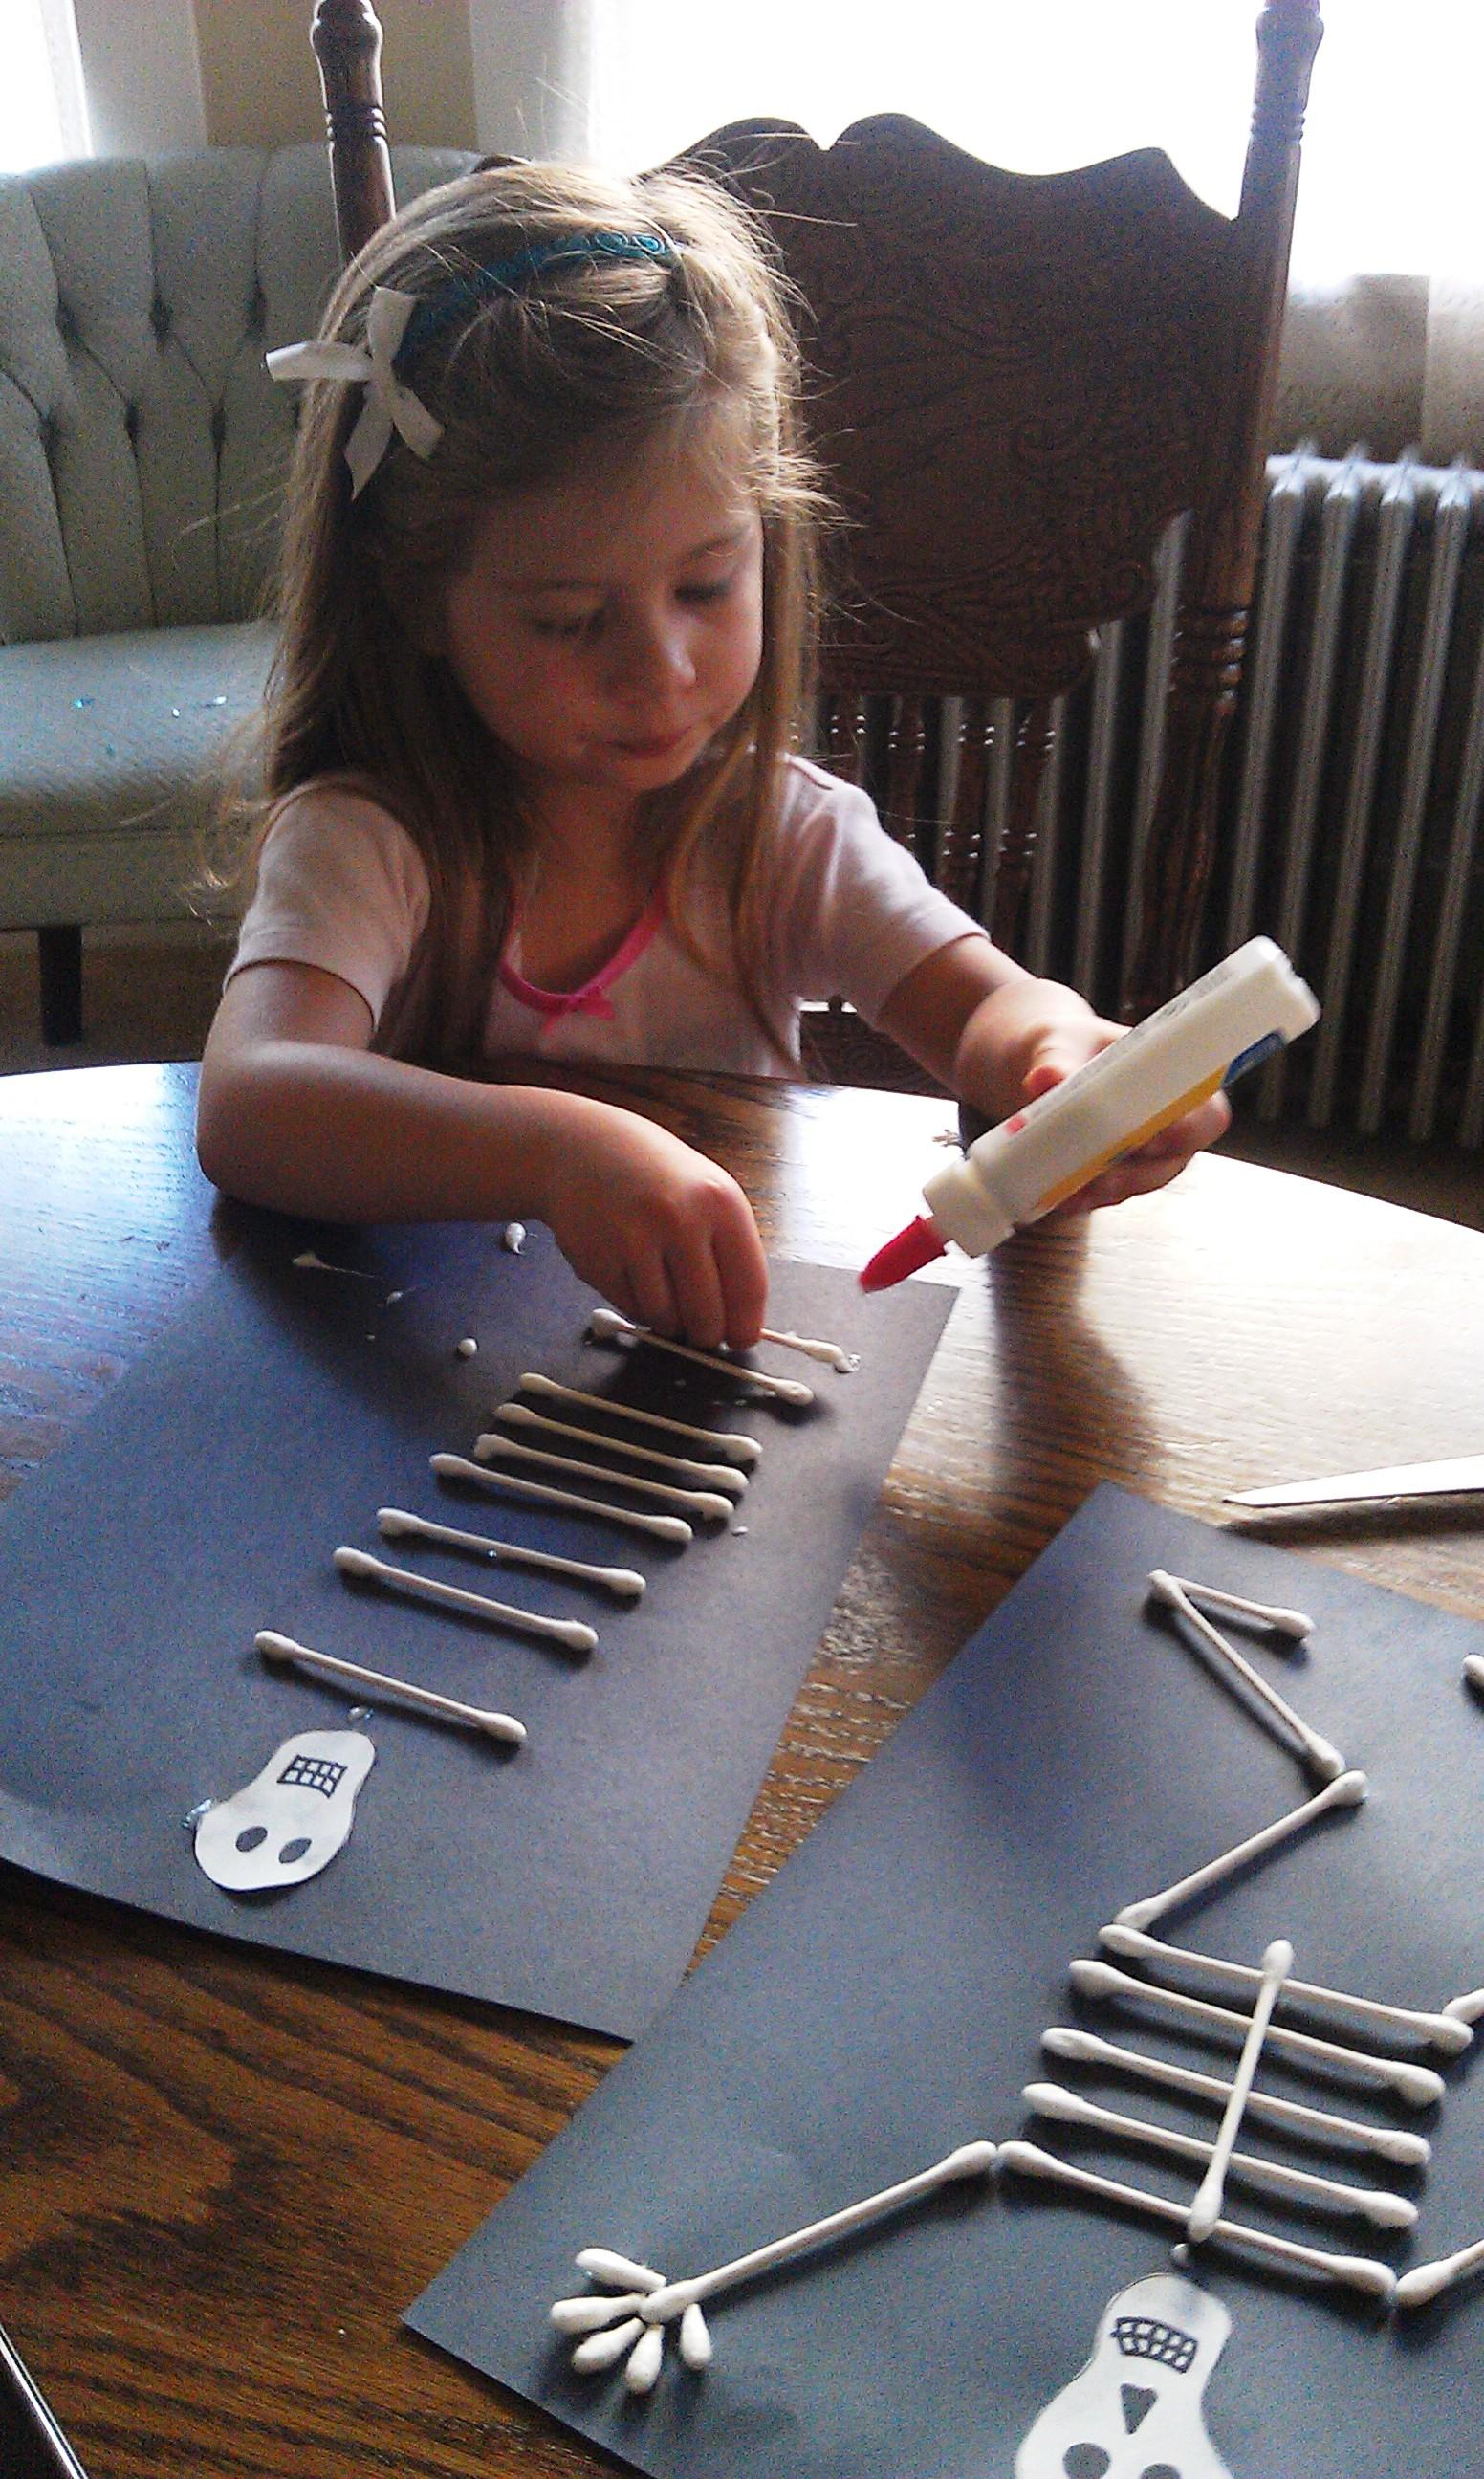 Dem Bones Craft Project